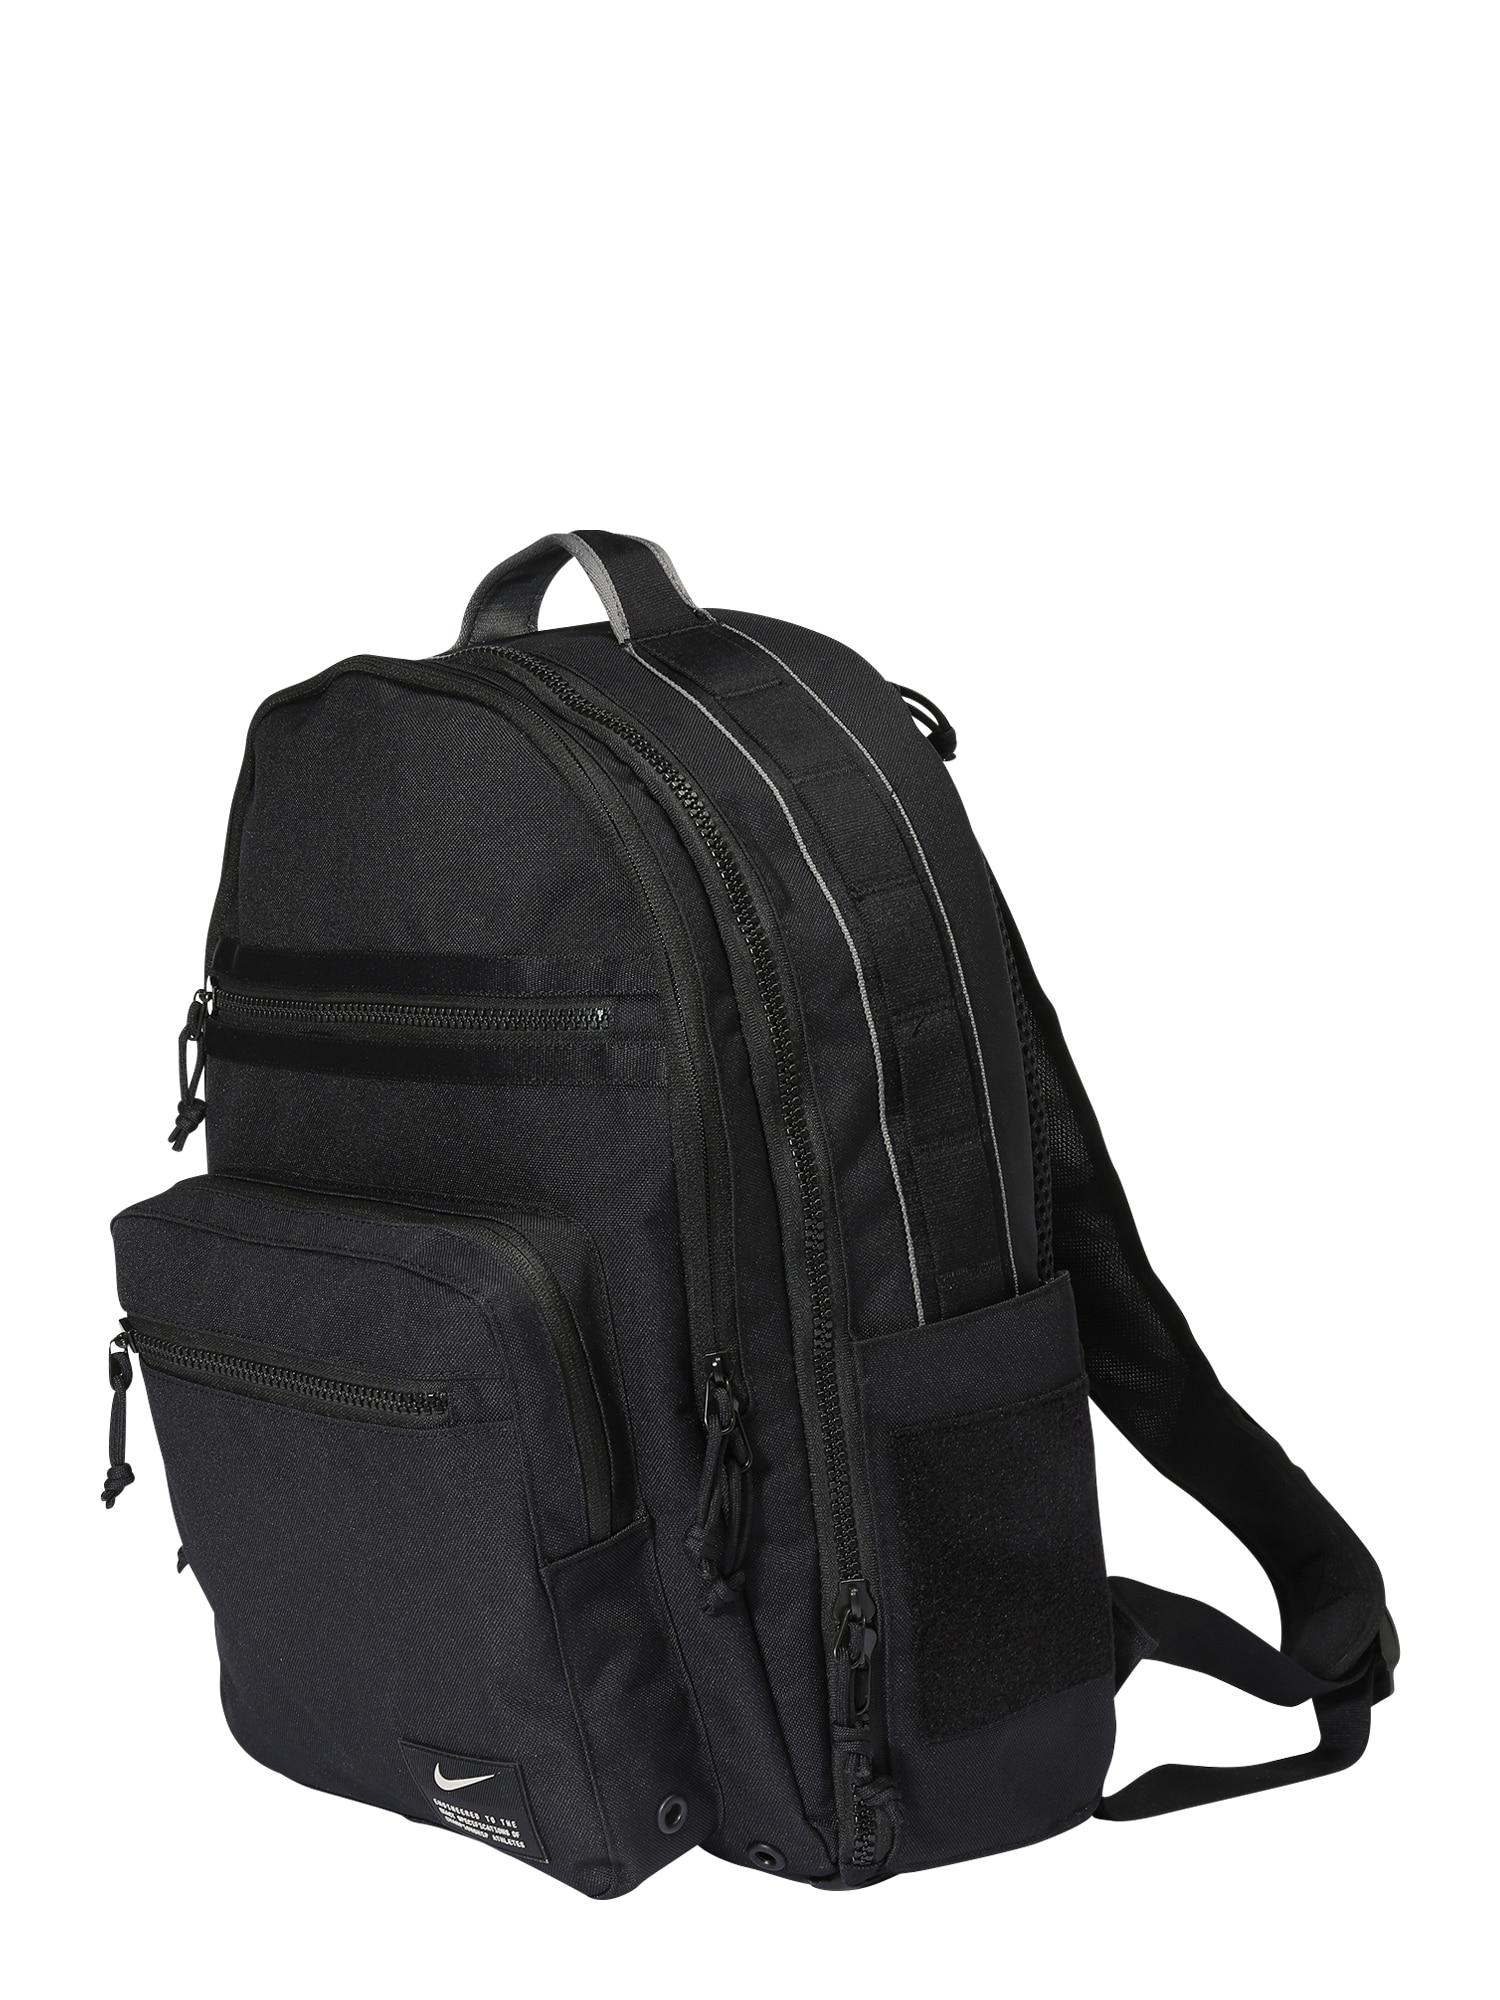 NIKE Sportinis krepšys 'Utility Power' juoda